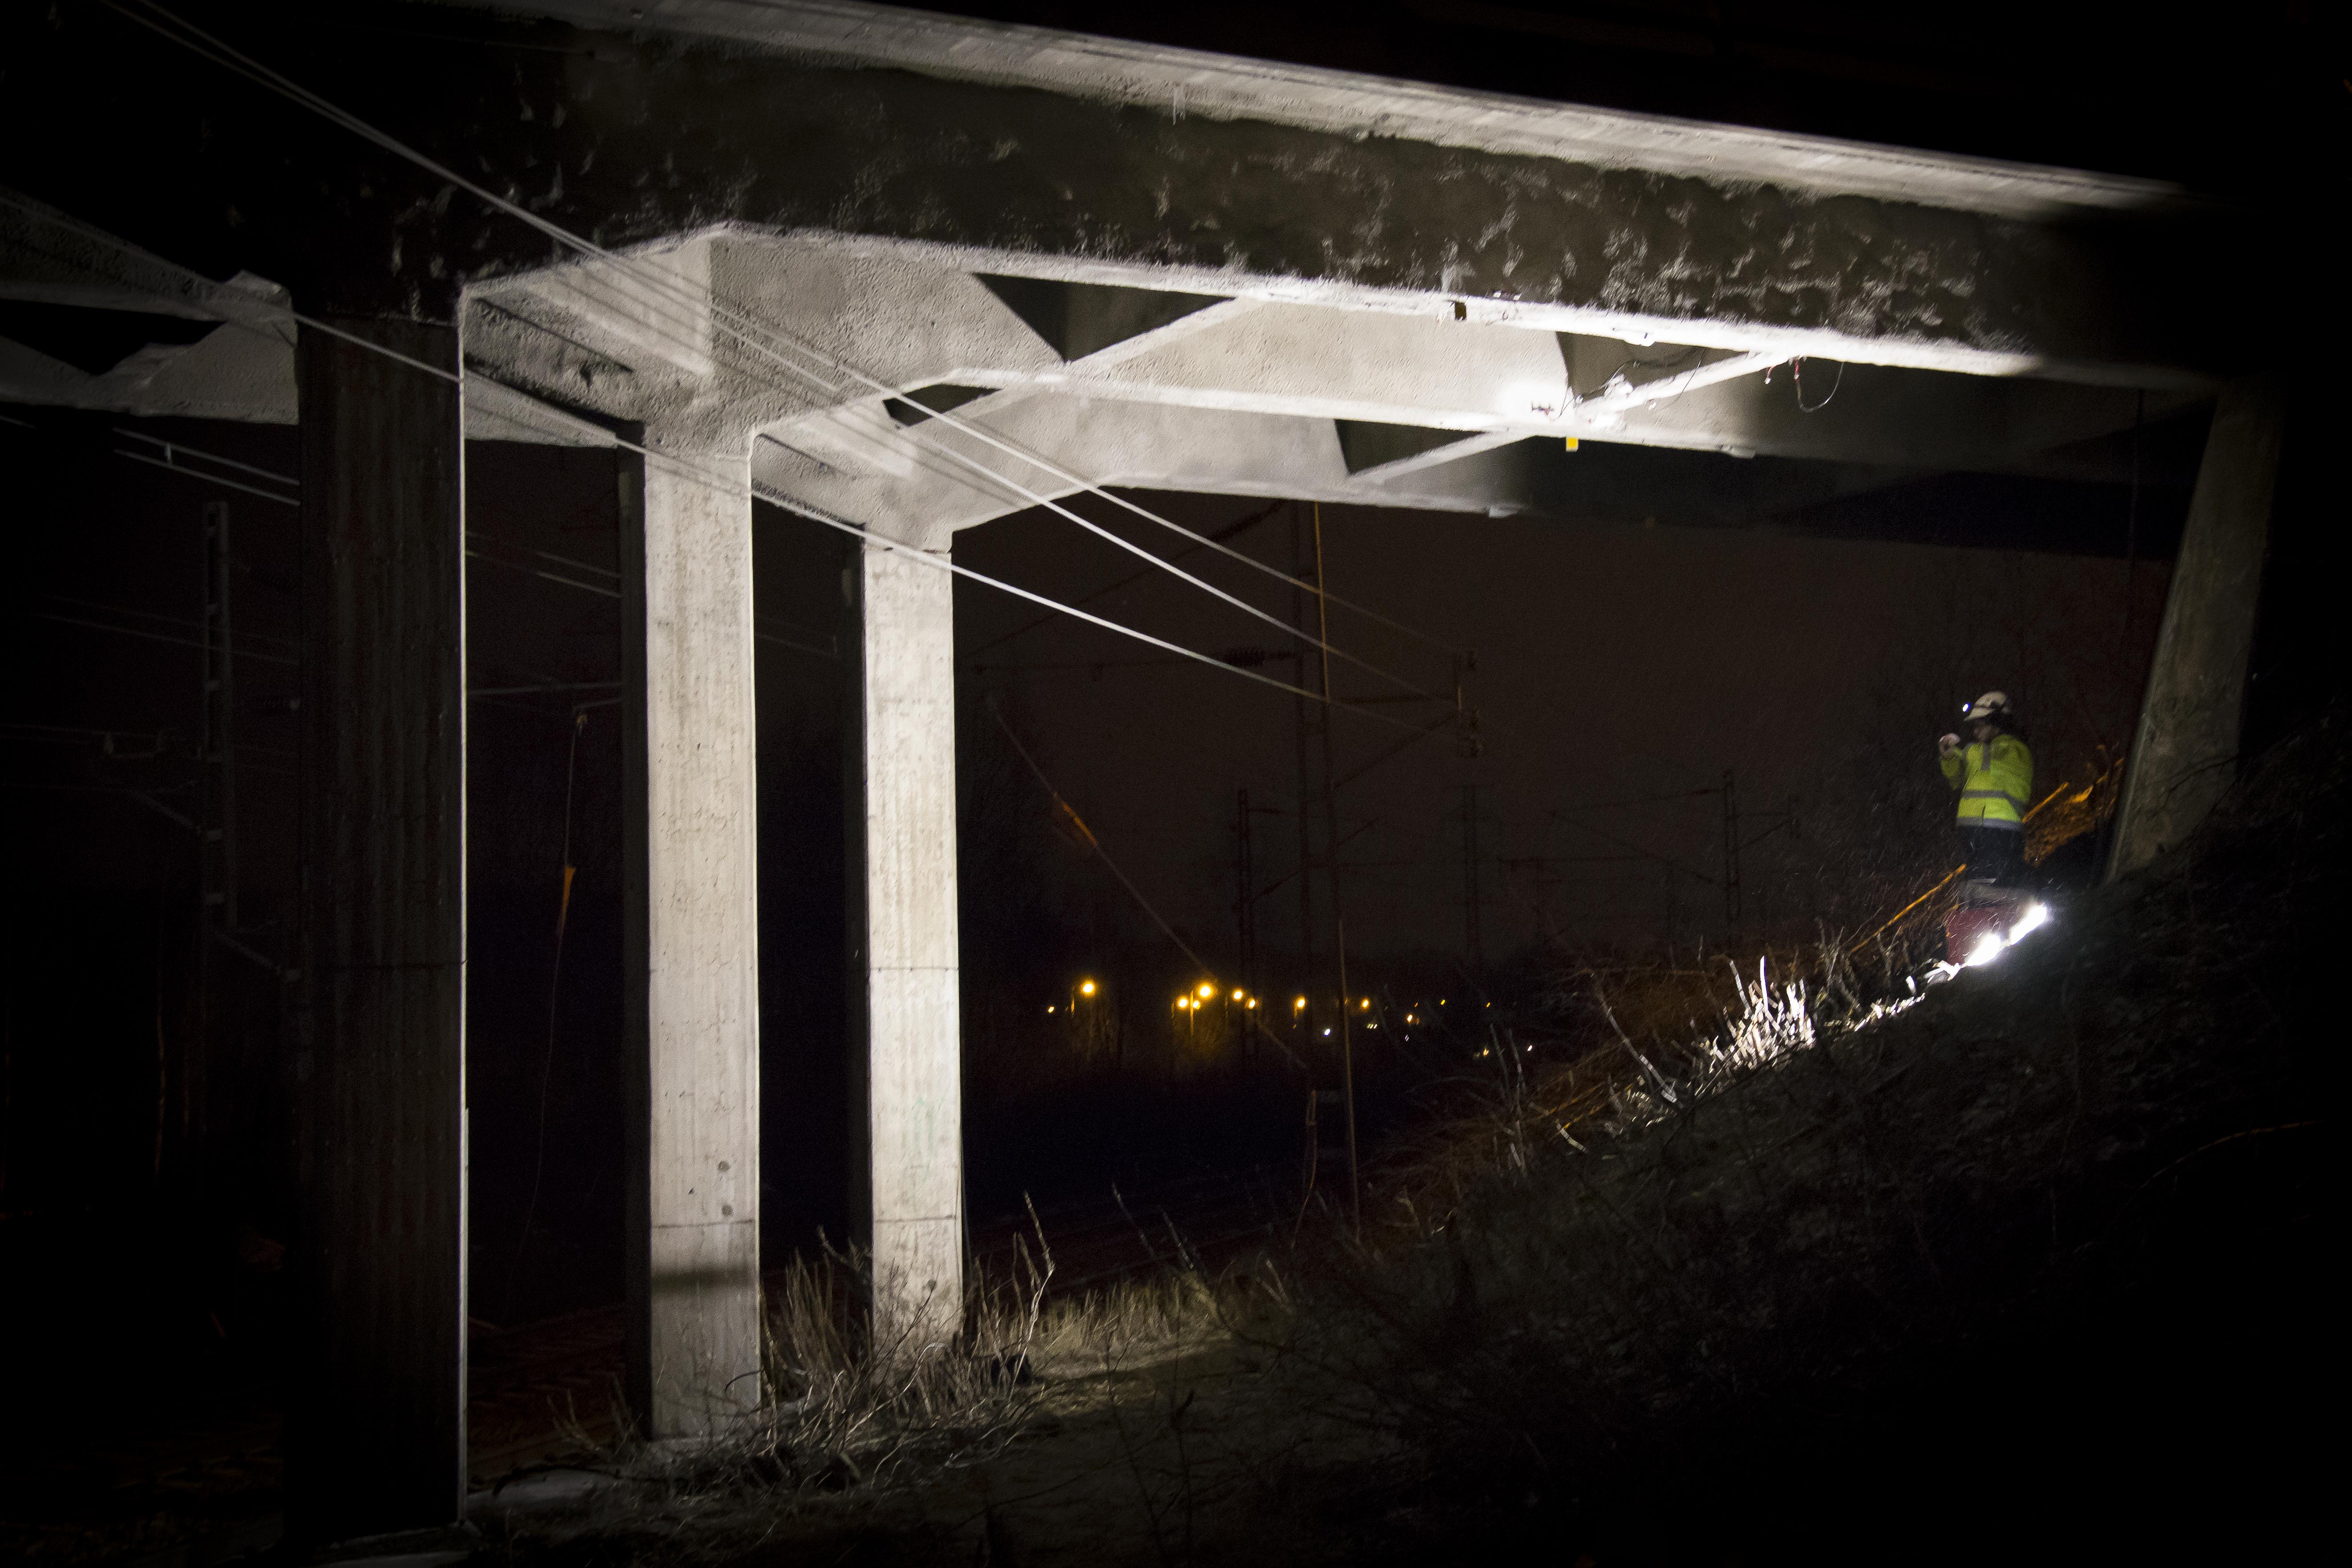 TIEDOTE: Betonirakentamisen laadunvalvonnassa on kaikkien kannettava vastuunsa